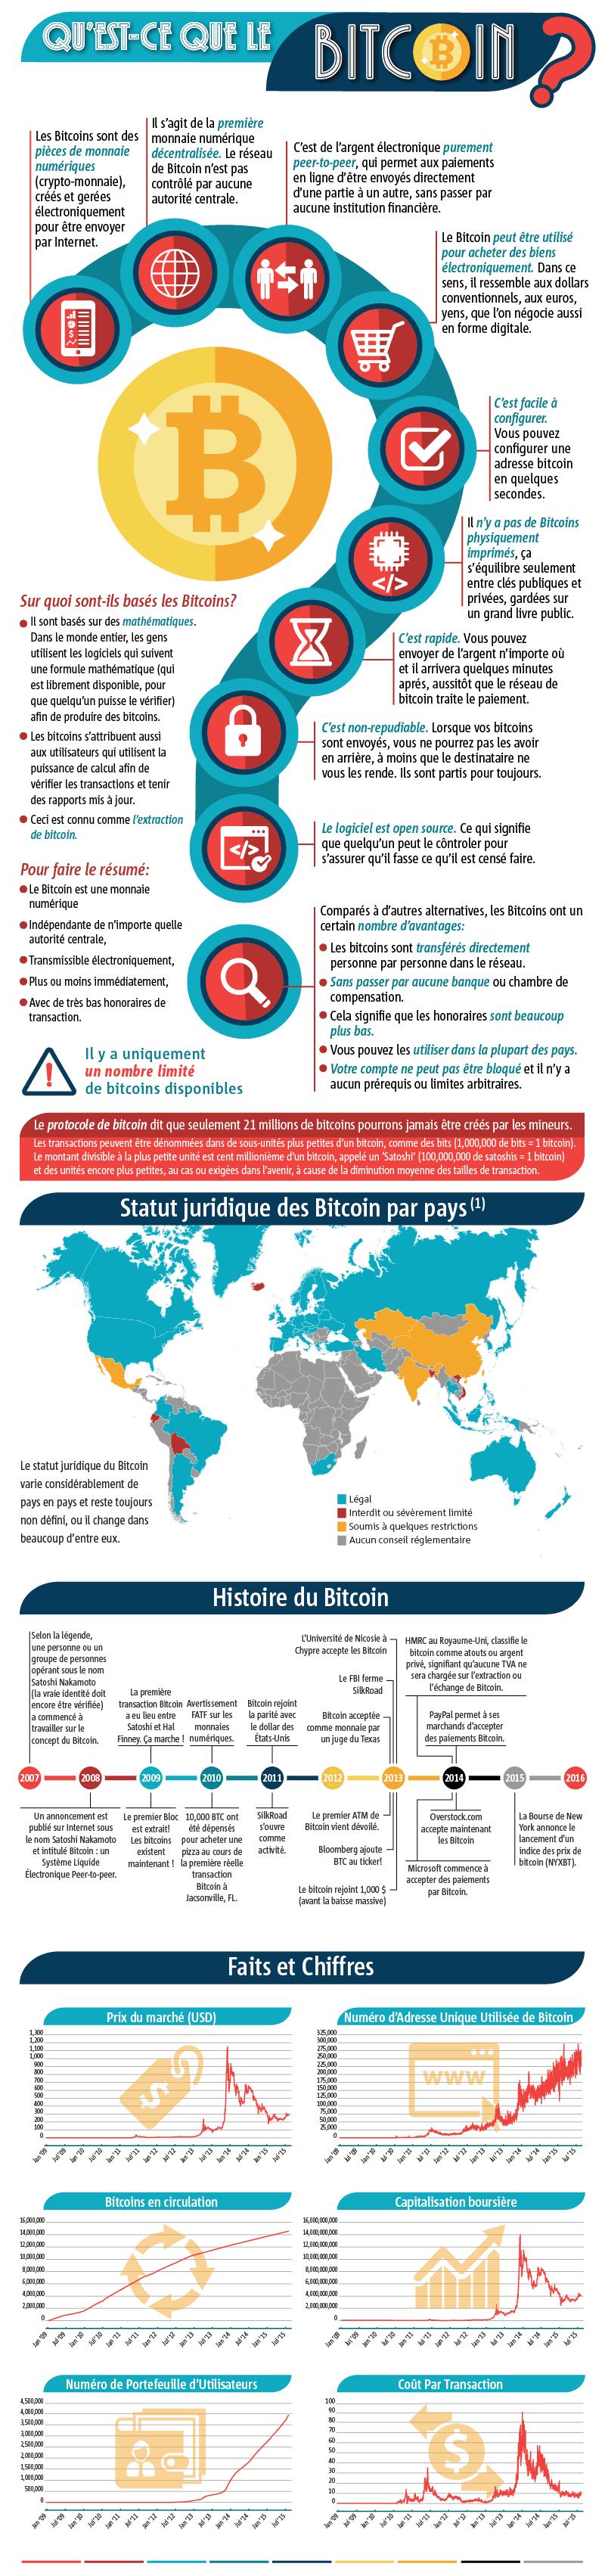 Qu'est ce que le Bitcoin ? Histoire du Bitcoin